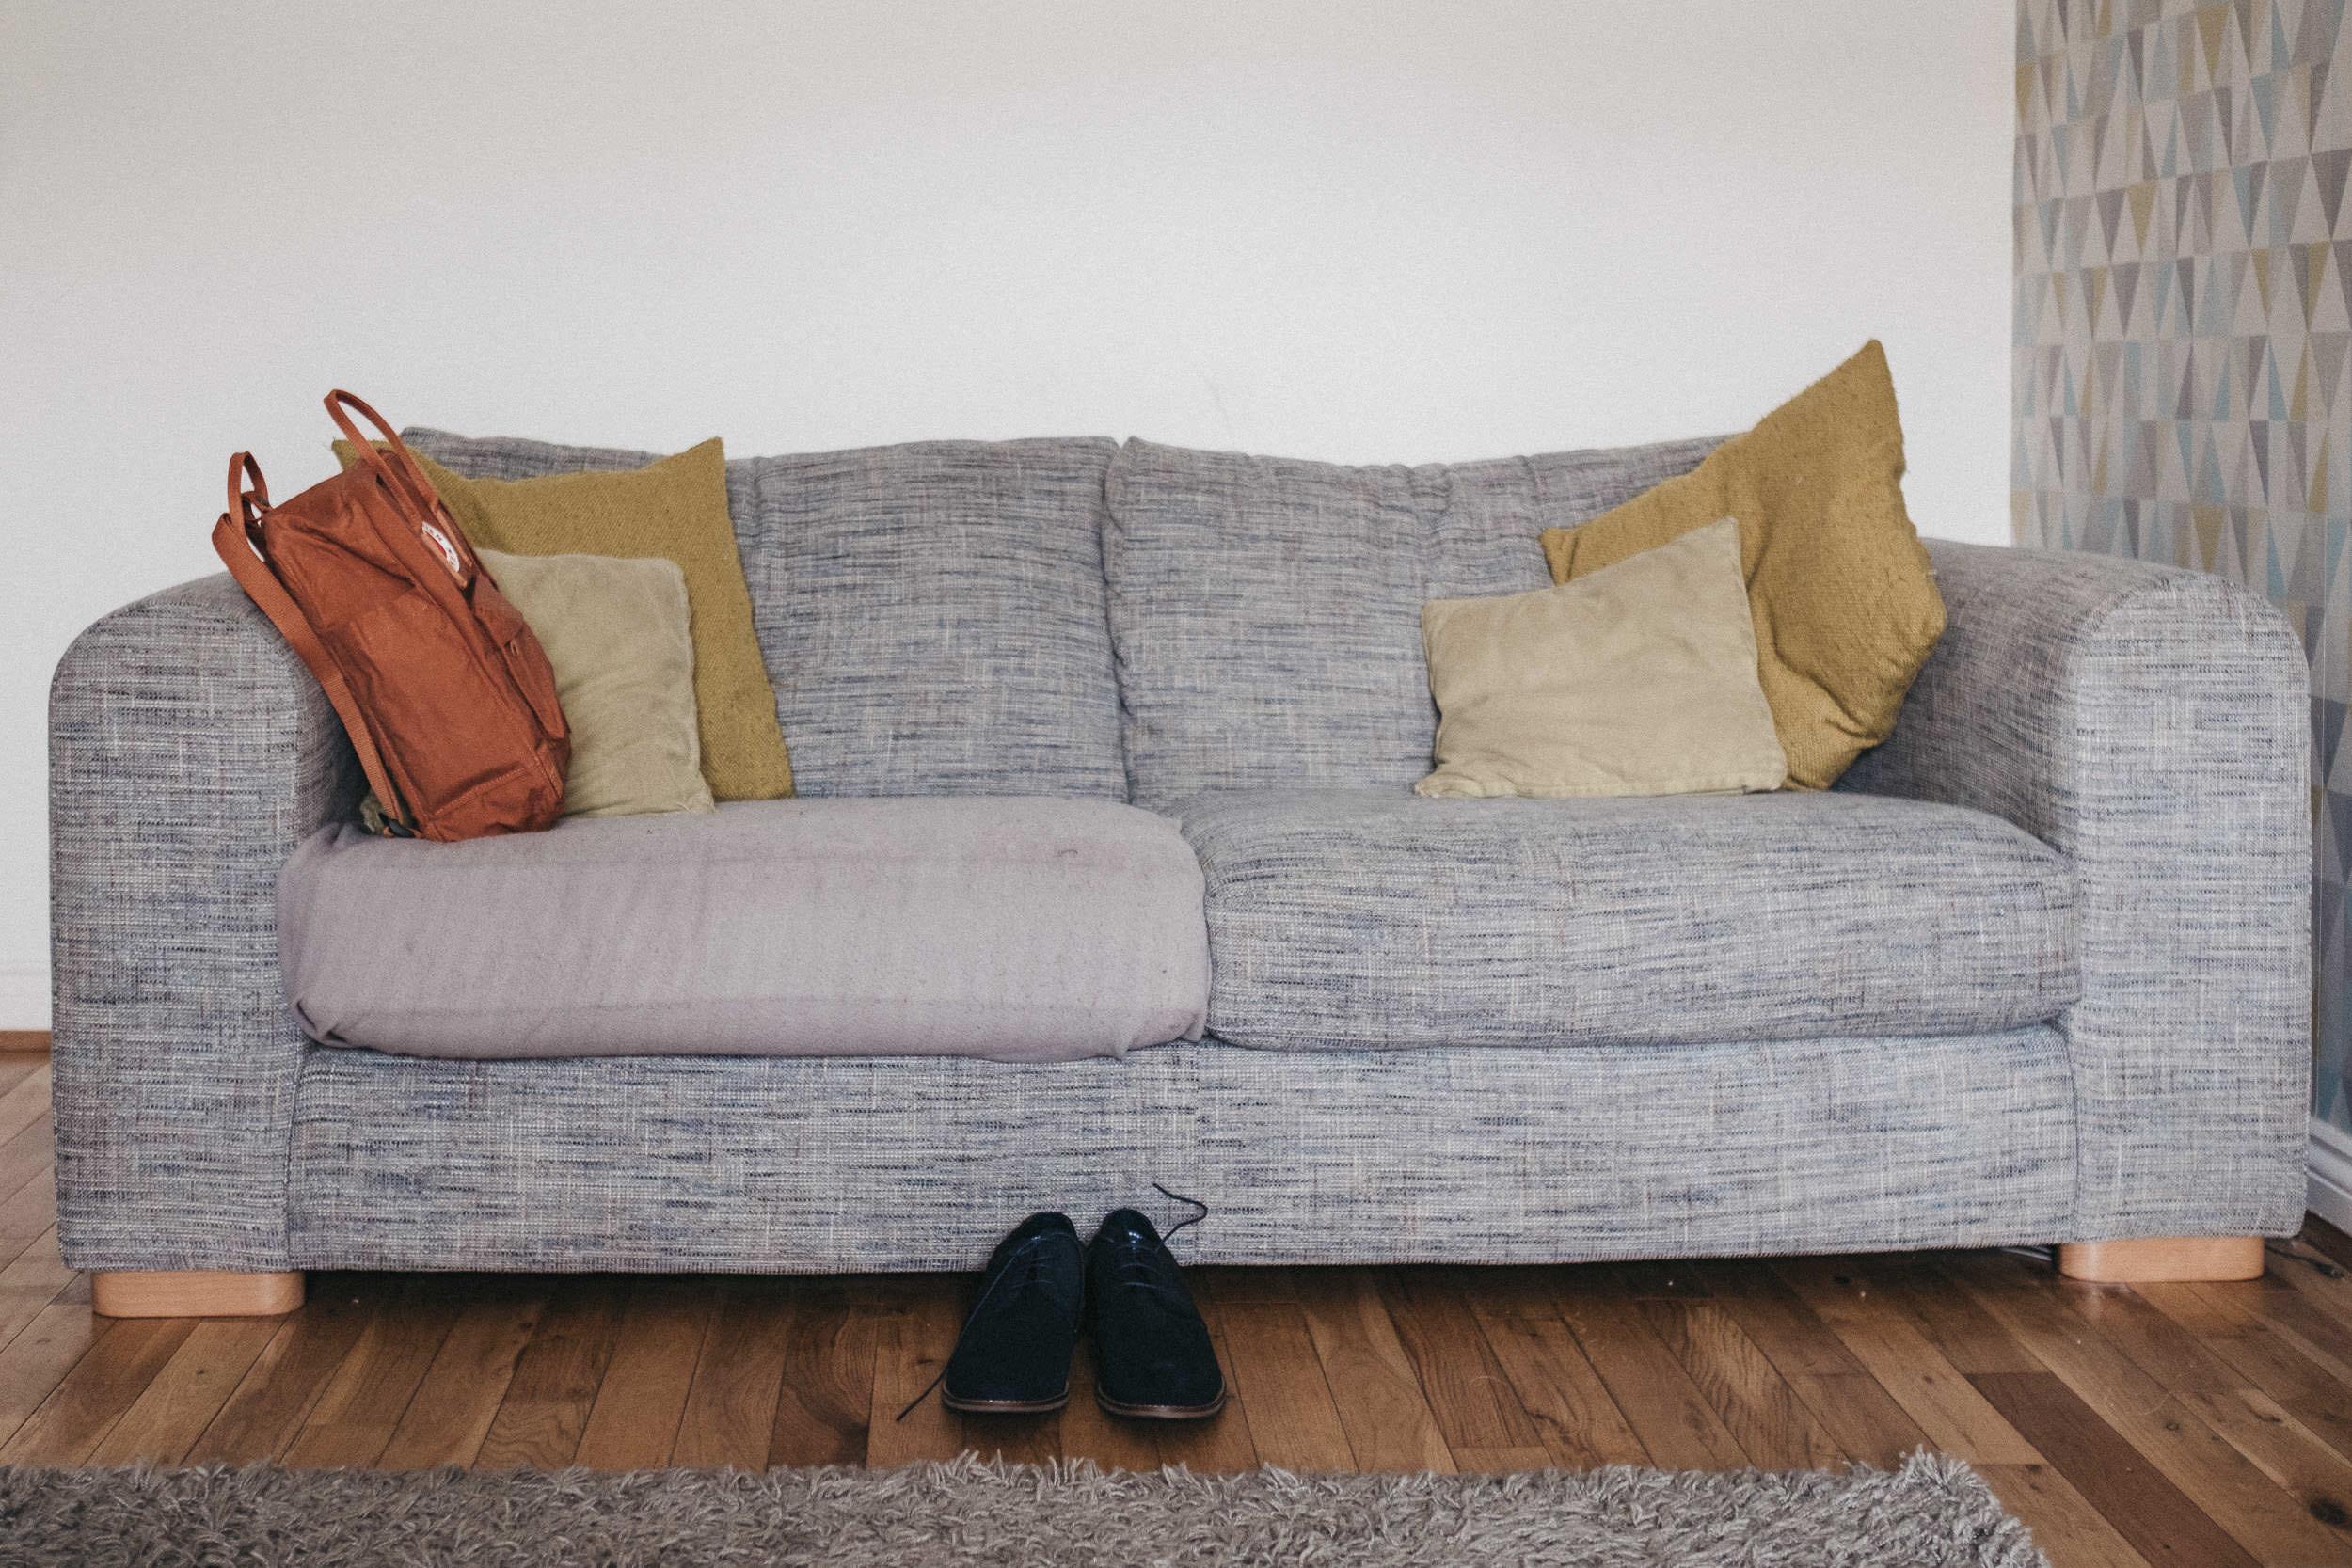 Groom's shoes and bag on sofa